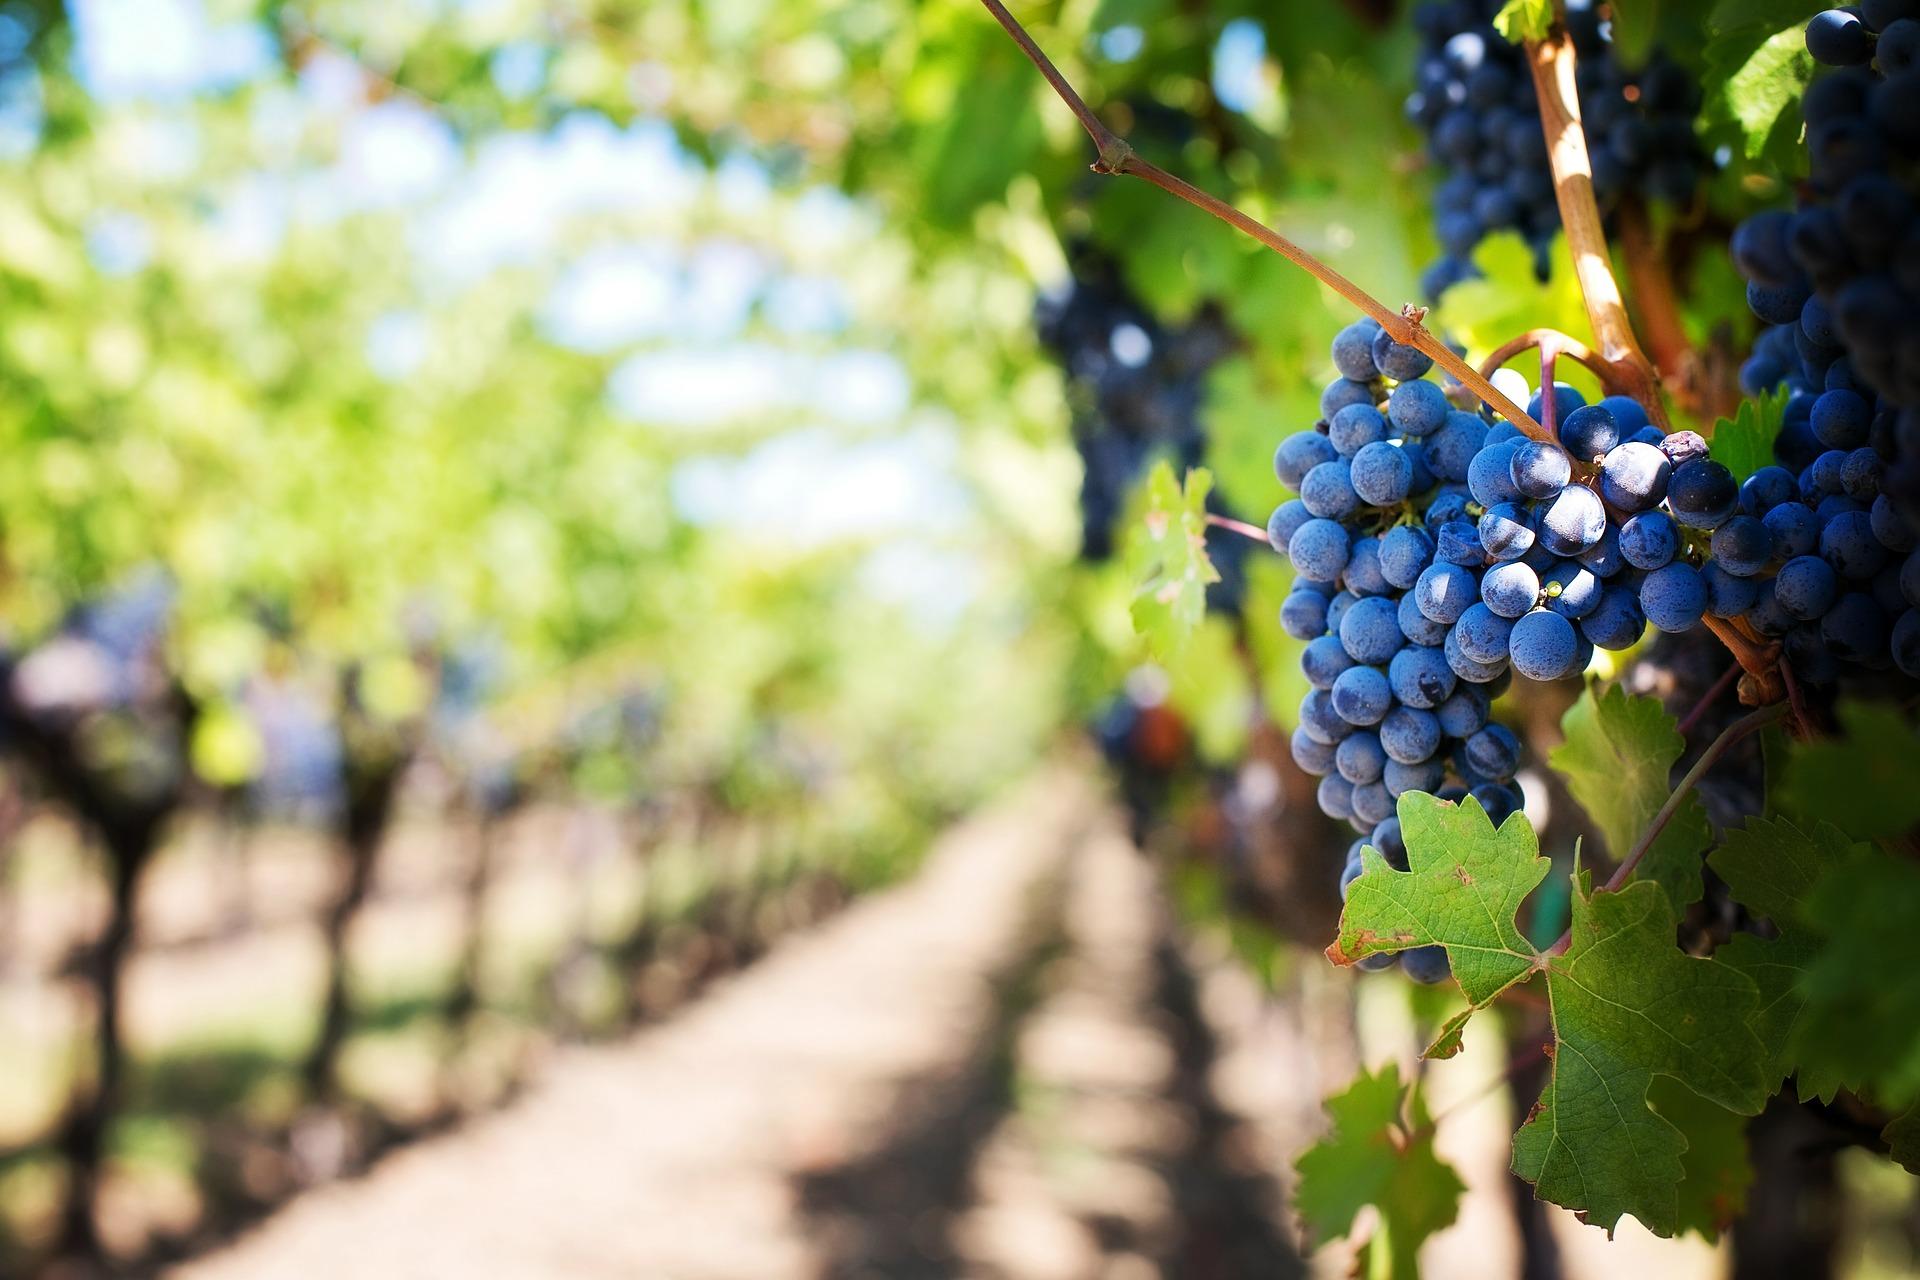 purple-grapes-553463_1920-vignobles-québec-vin